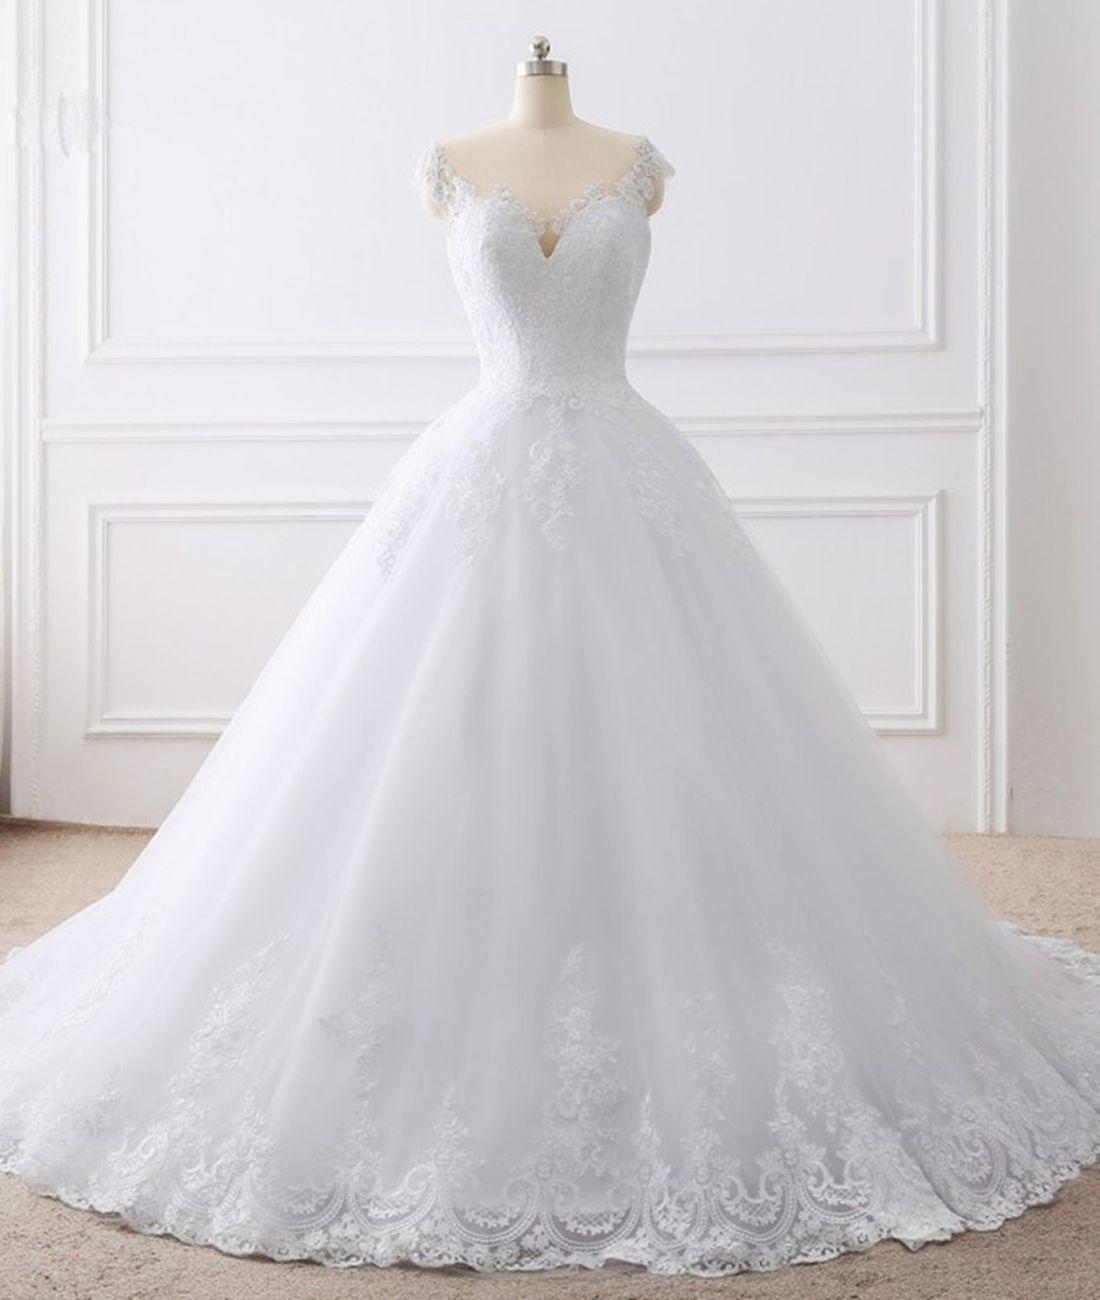 Vero abito da sposa abiti da sposa abiti da sposa Appliques abiti da sposa Vestido de Brides Princess Beach Abito da sposa abito da sposa abiti da sposa